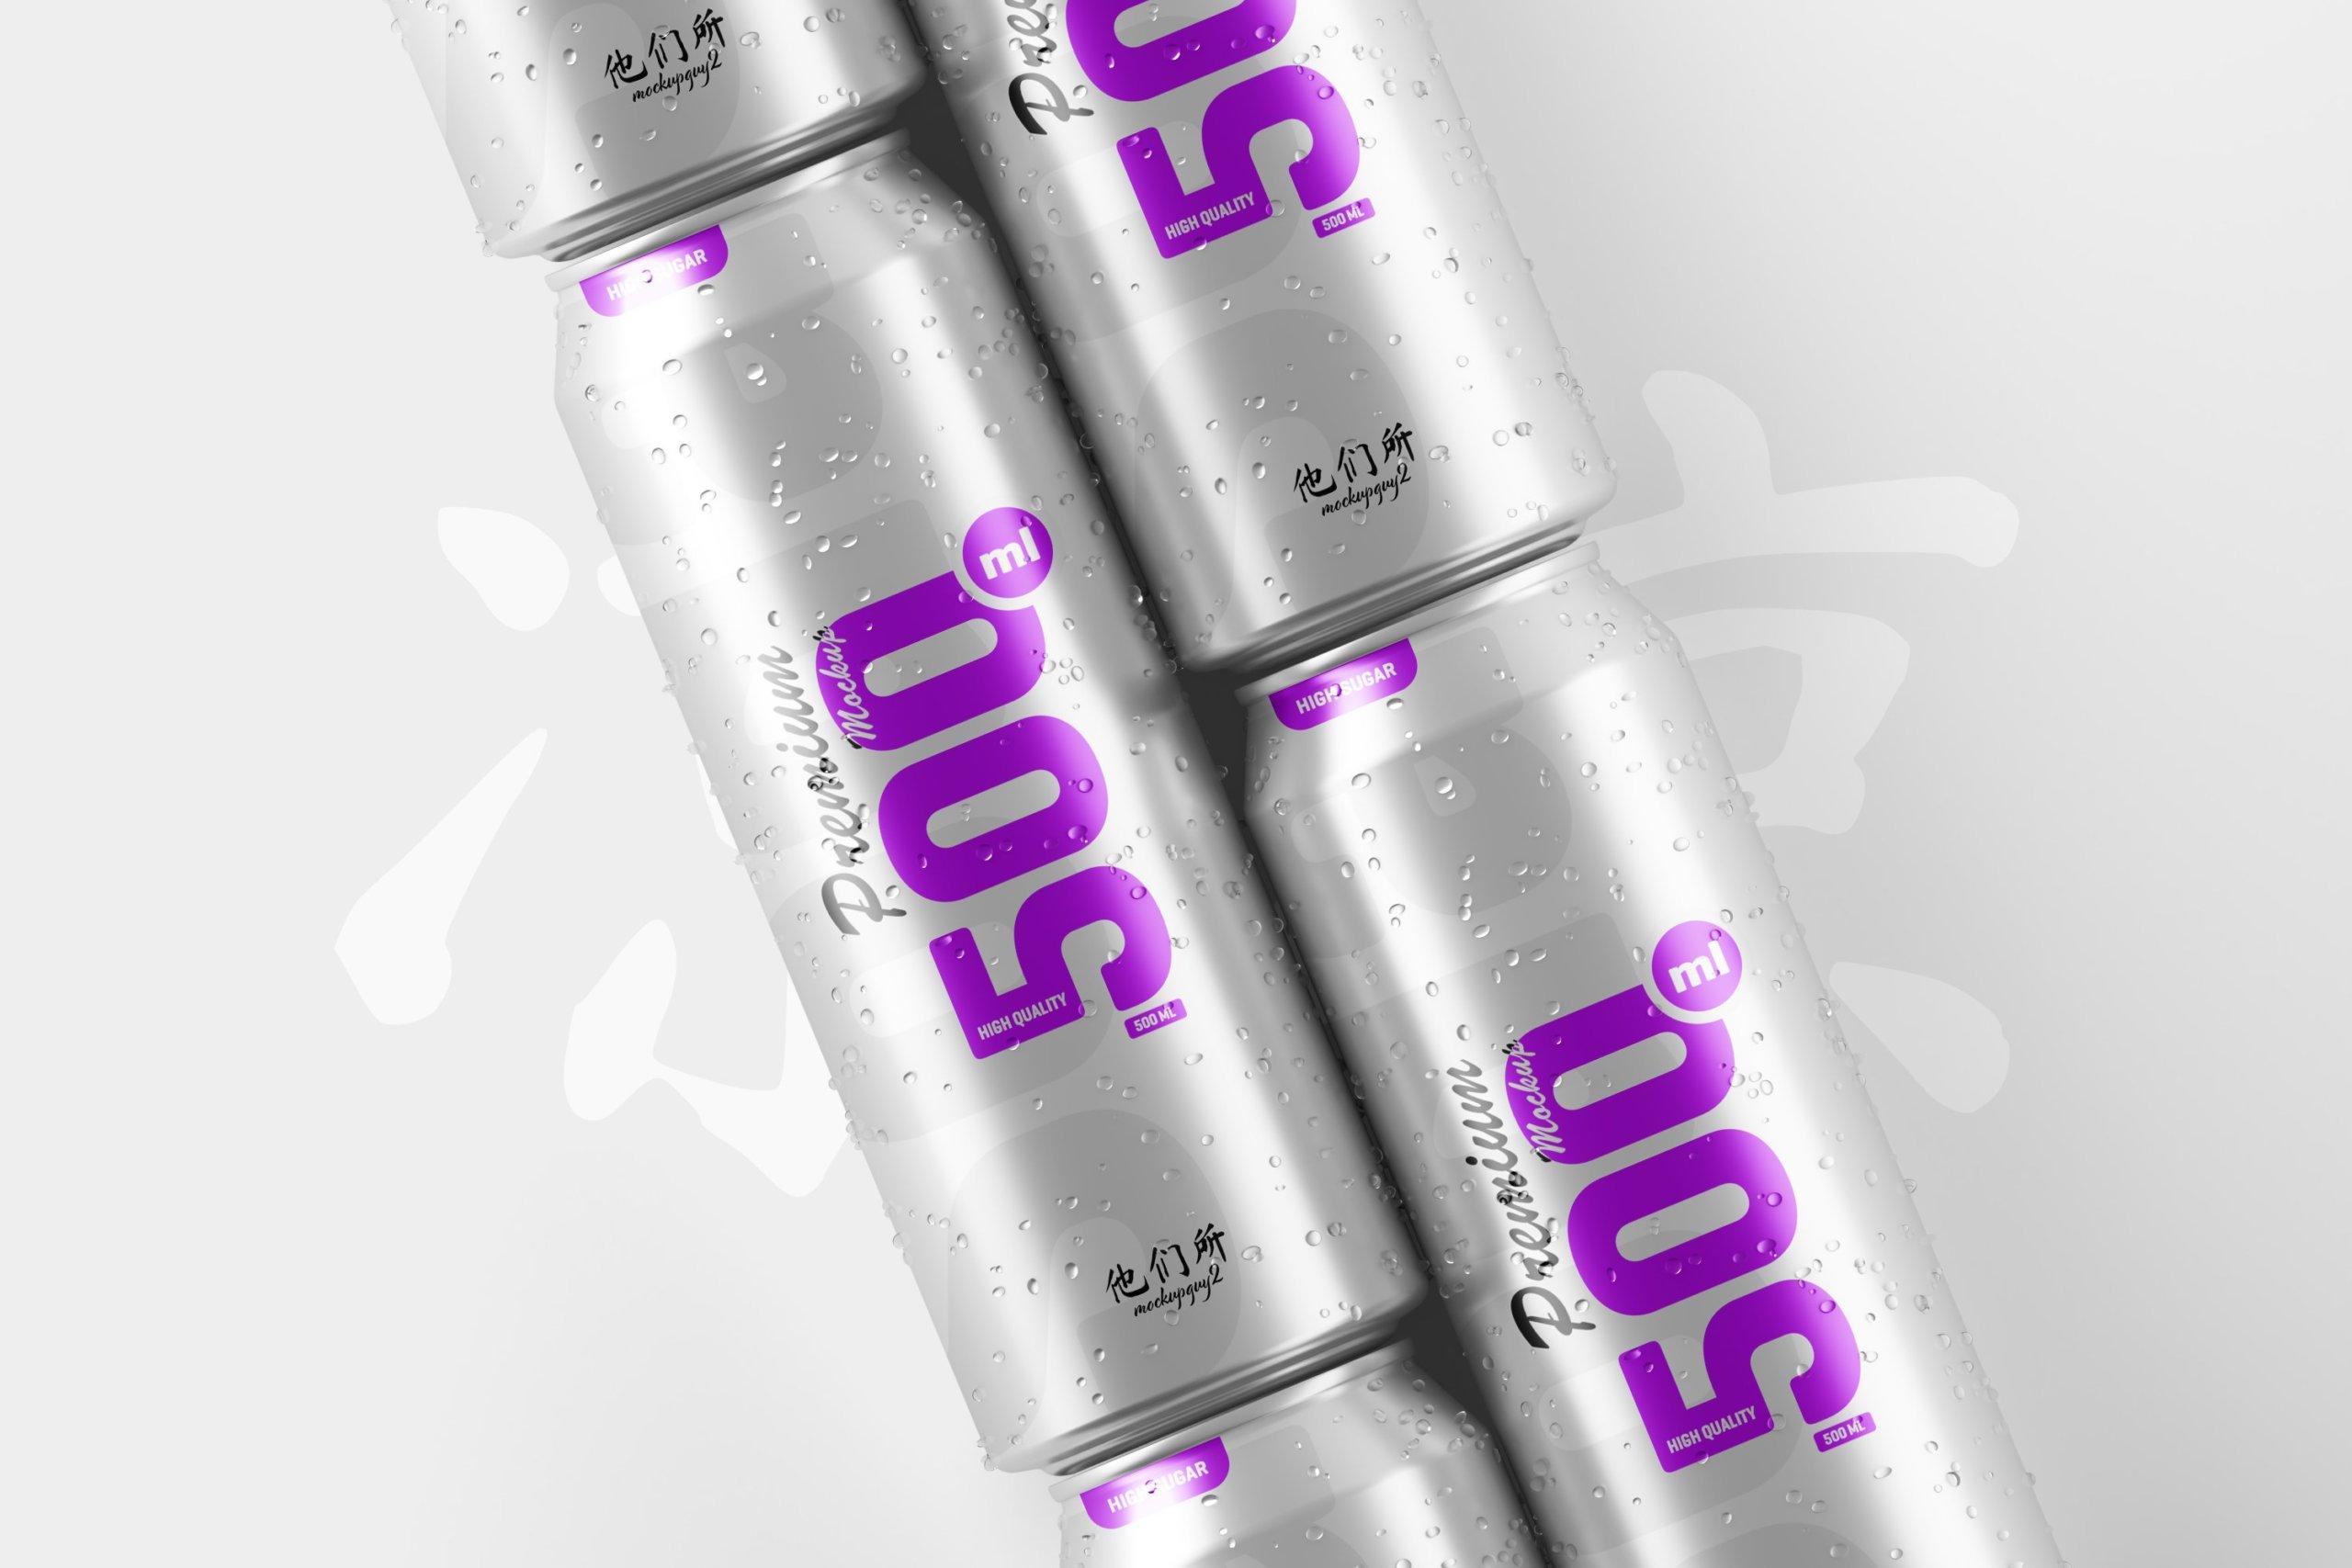 10款500毫升啤酒苏打水饮料锡罐易拉罐PS贴图样机素材 500ml Soda Can Mockup插图5